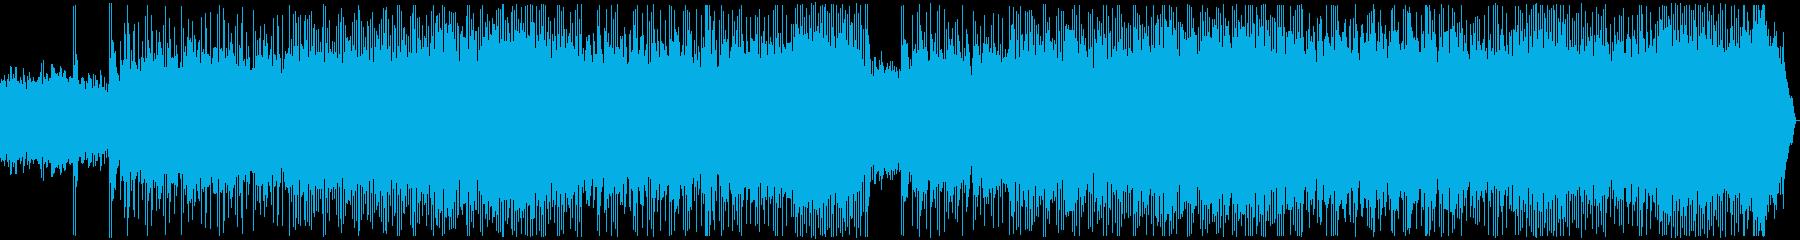 メタル戦闘曲 バトルフィールド ロング版の再生済みの波形